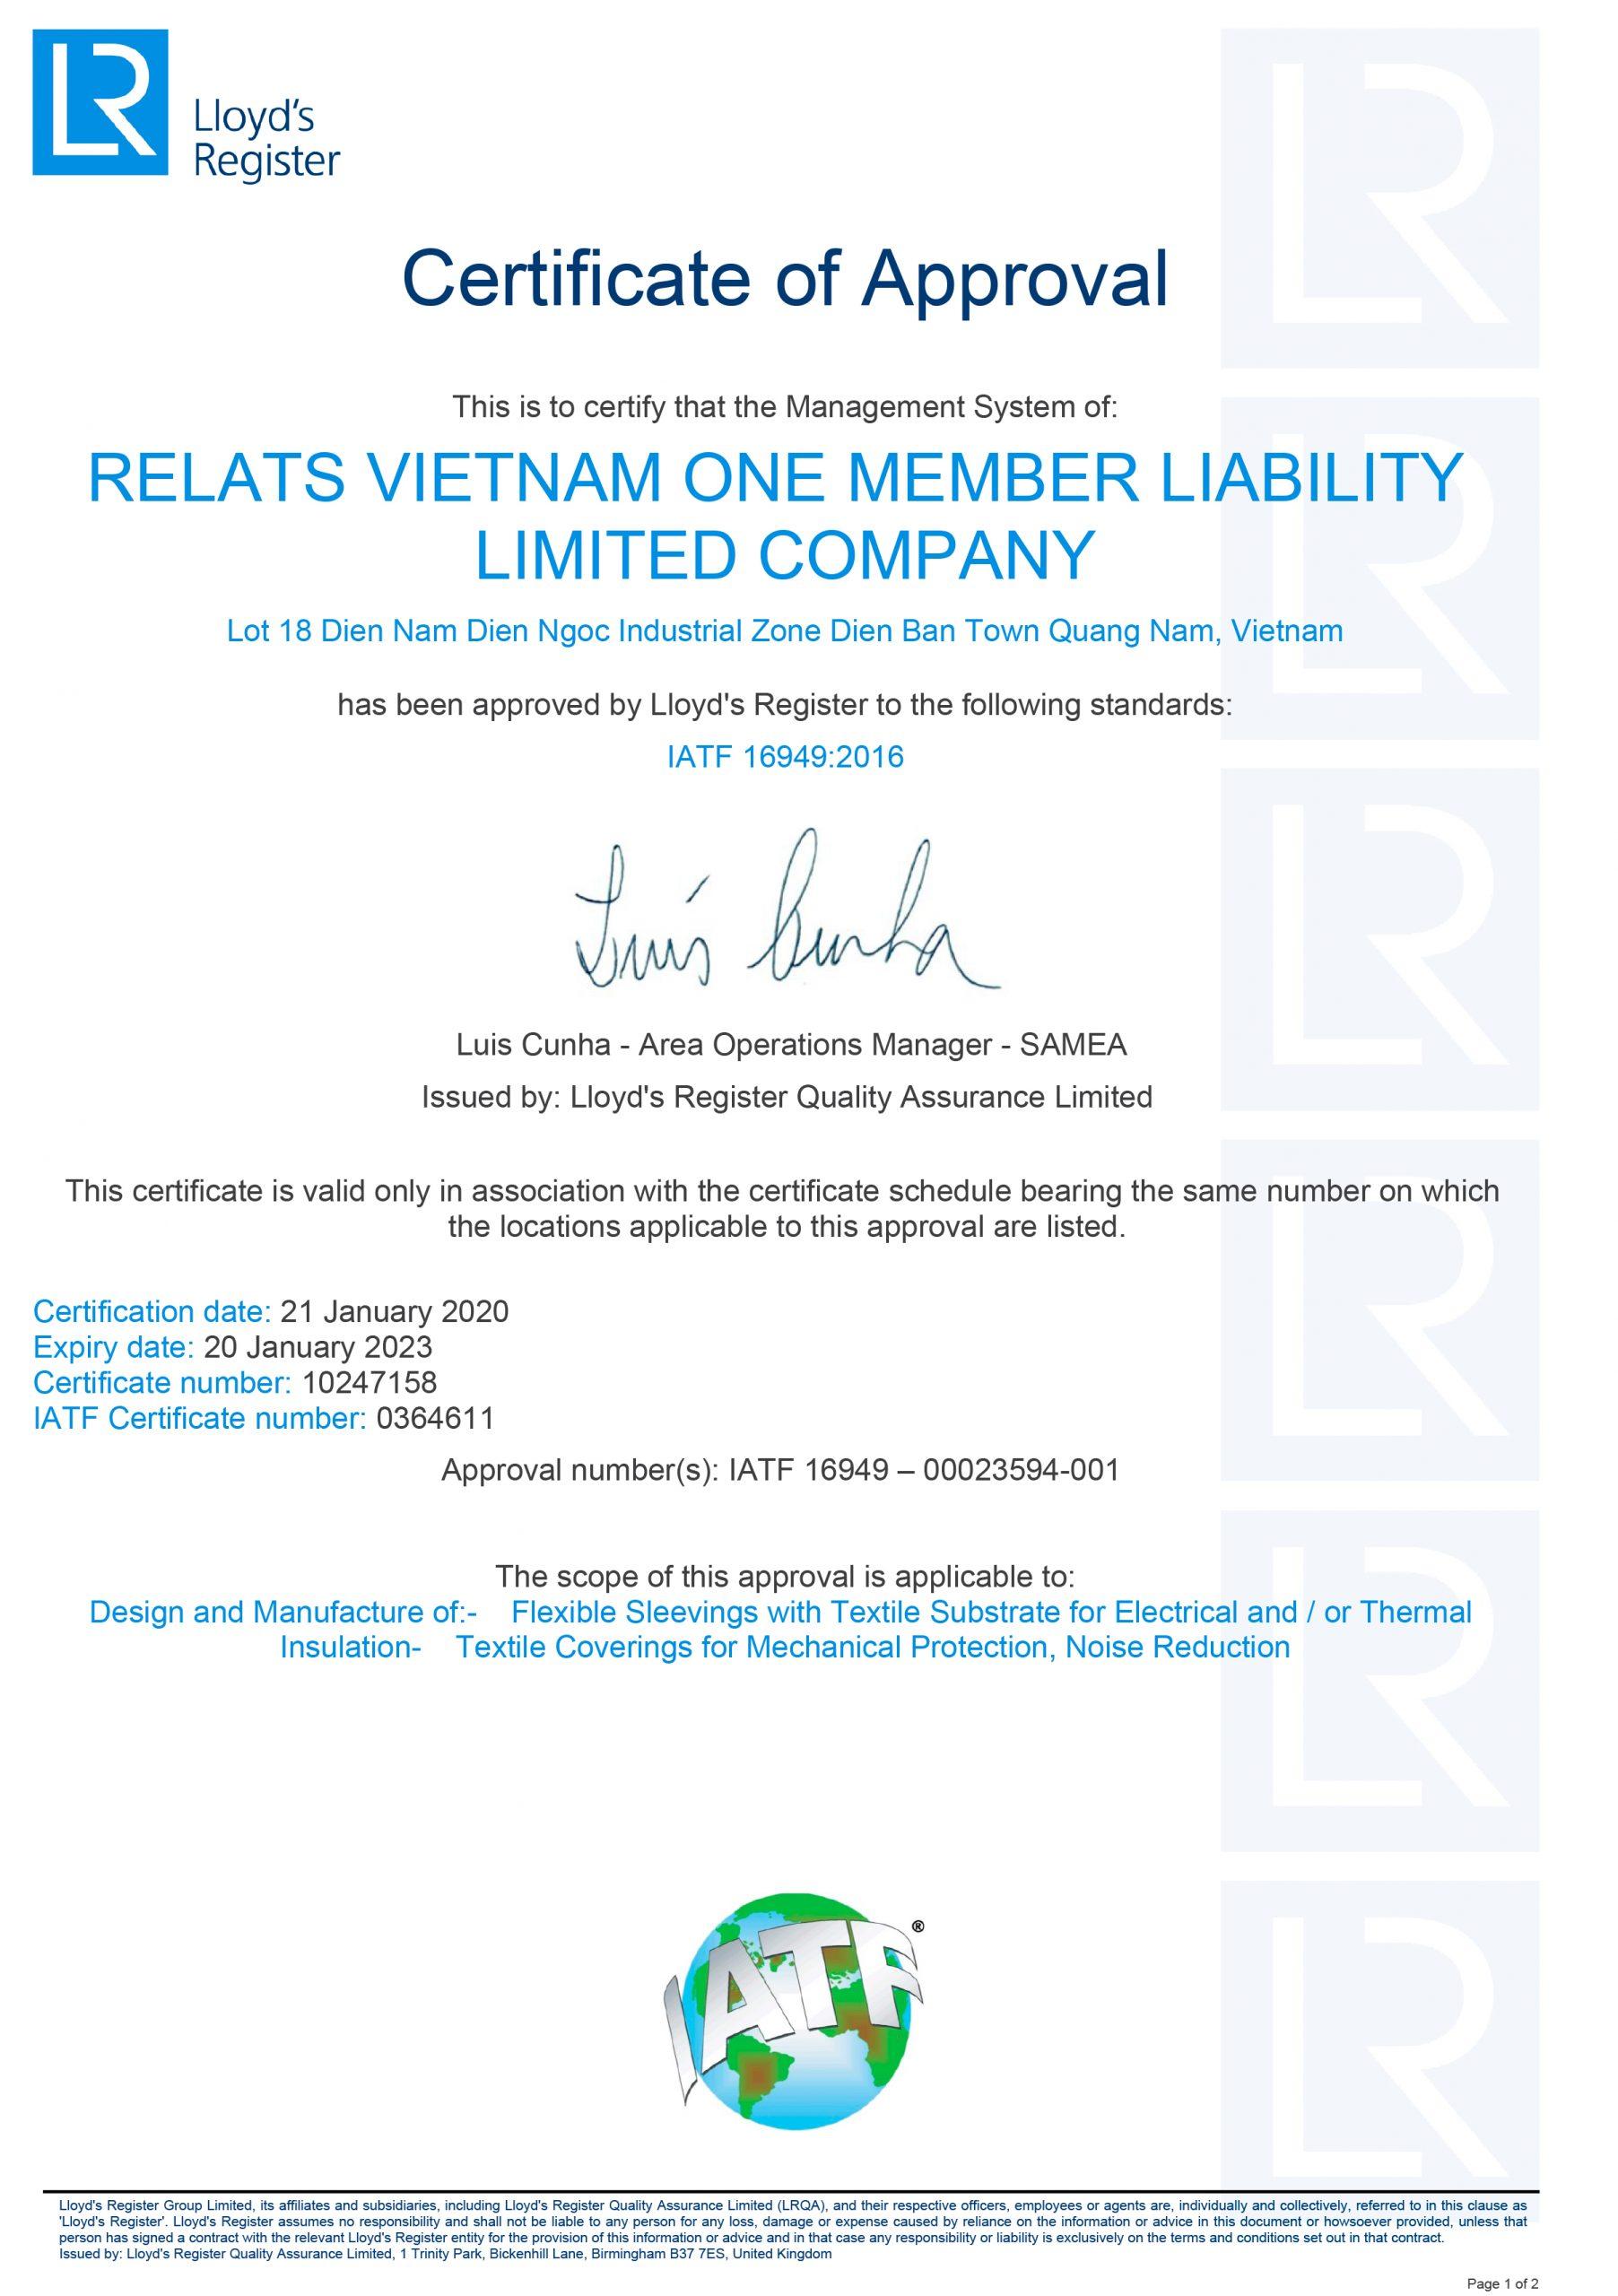 IATF 16949:2016 Relats Vietnam